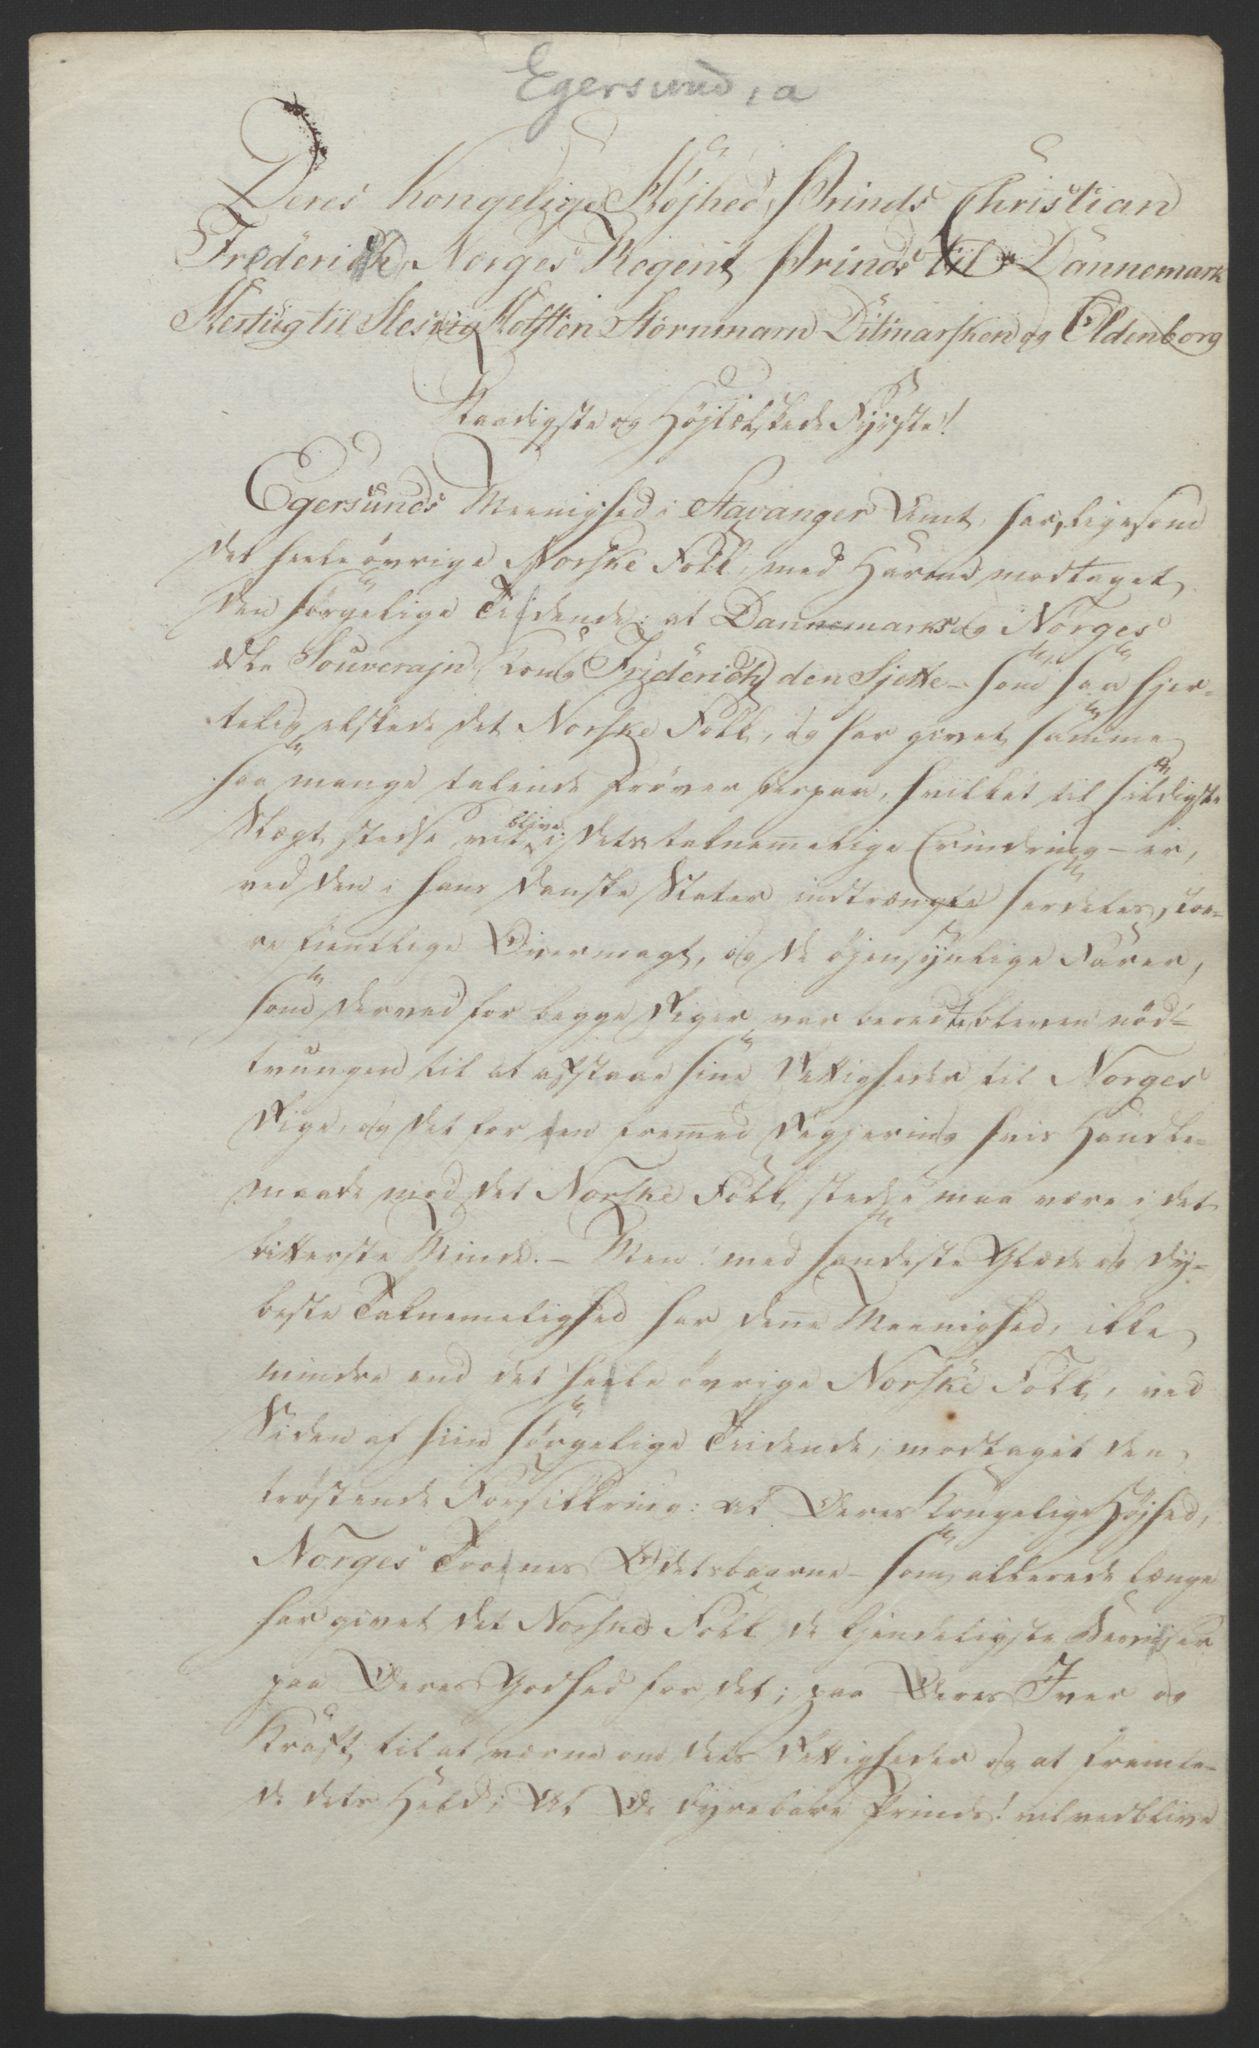 RA, Statsrådssekretariatet, D/Db/L0008: Fullmakter for Eidsvollsrepresentantene i 1814. , 1814, s. 210